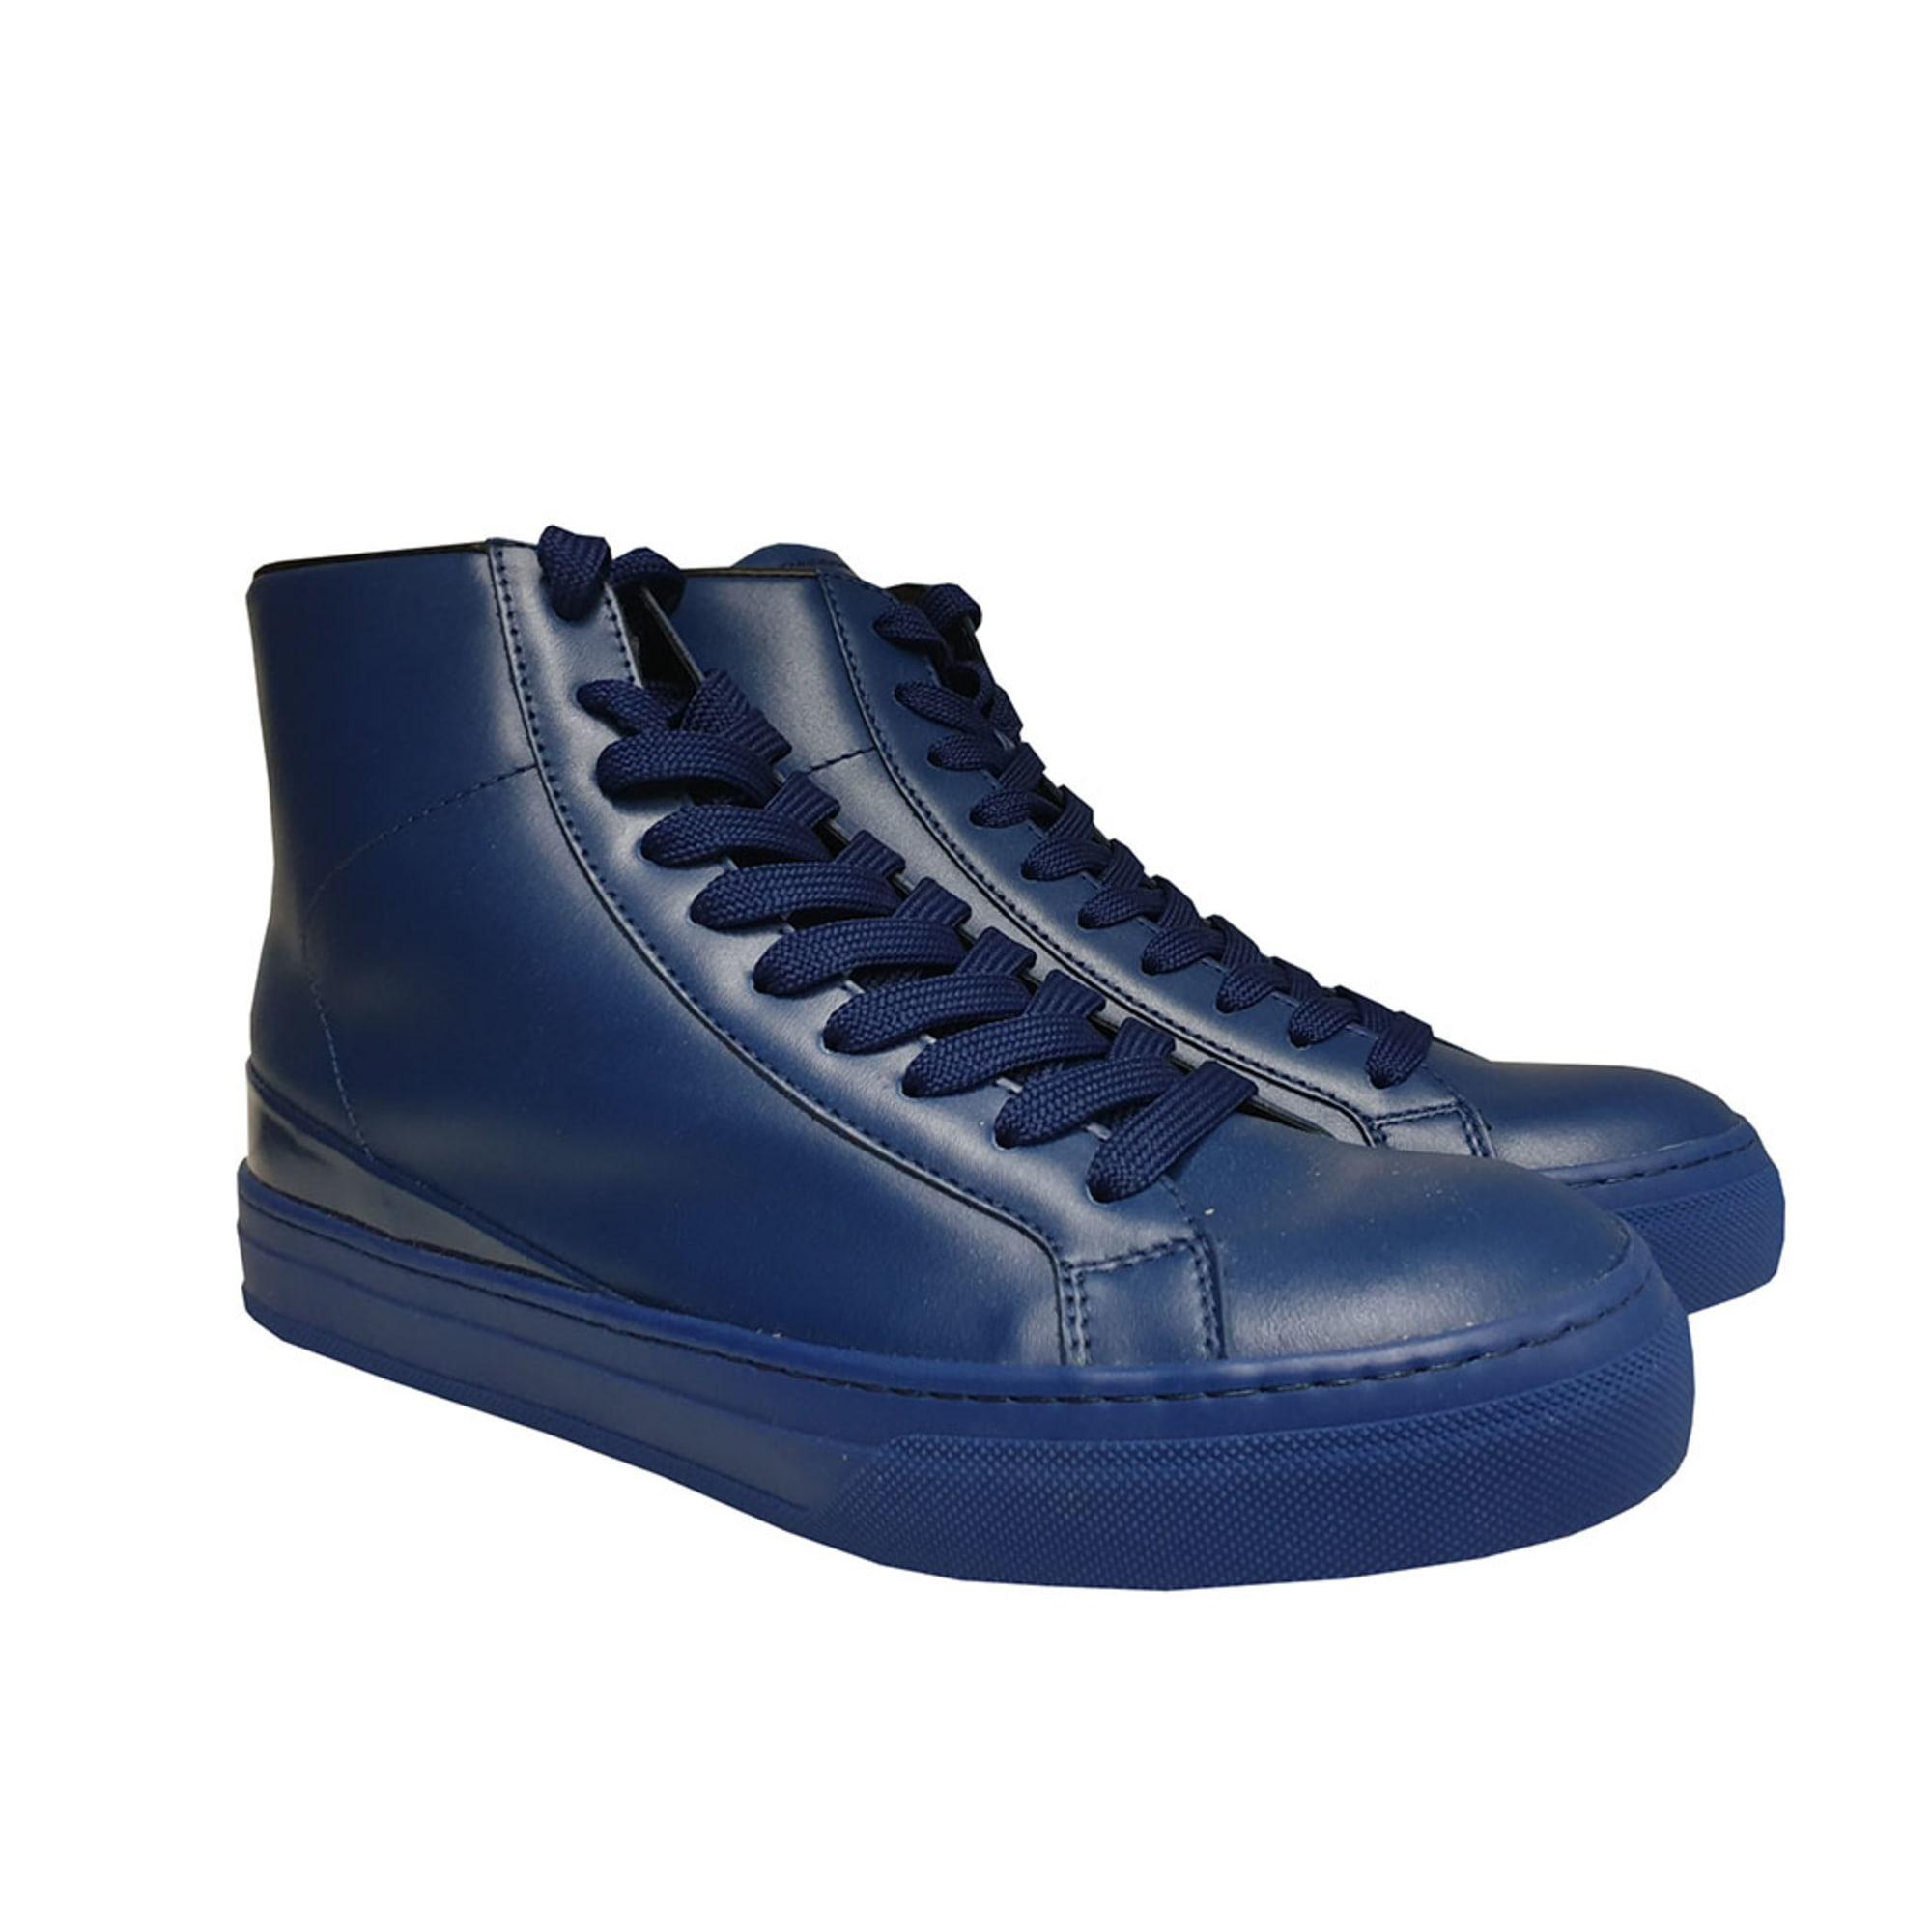 Chaussures de sport TOD'S Bleu, bleu marine, bleu turquoise